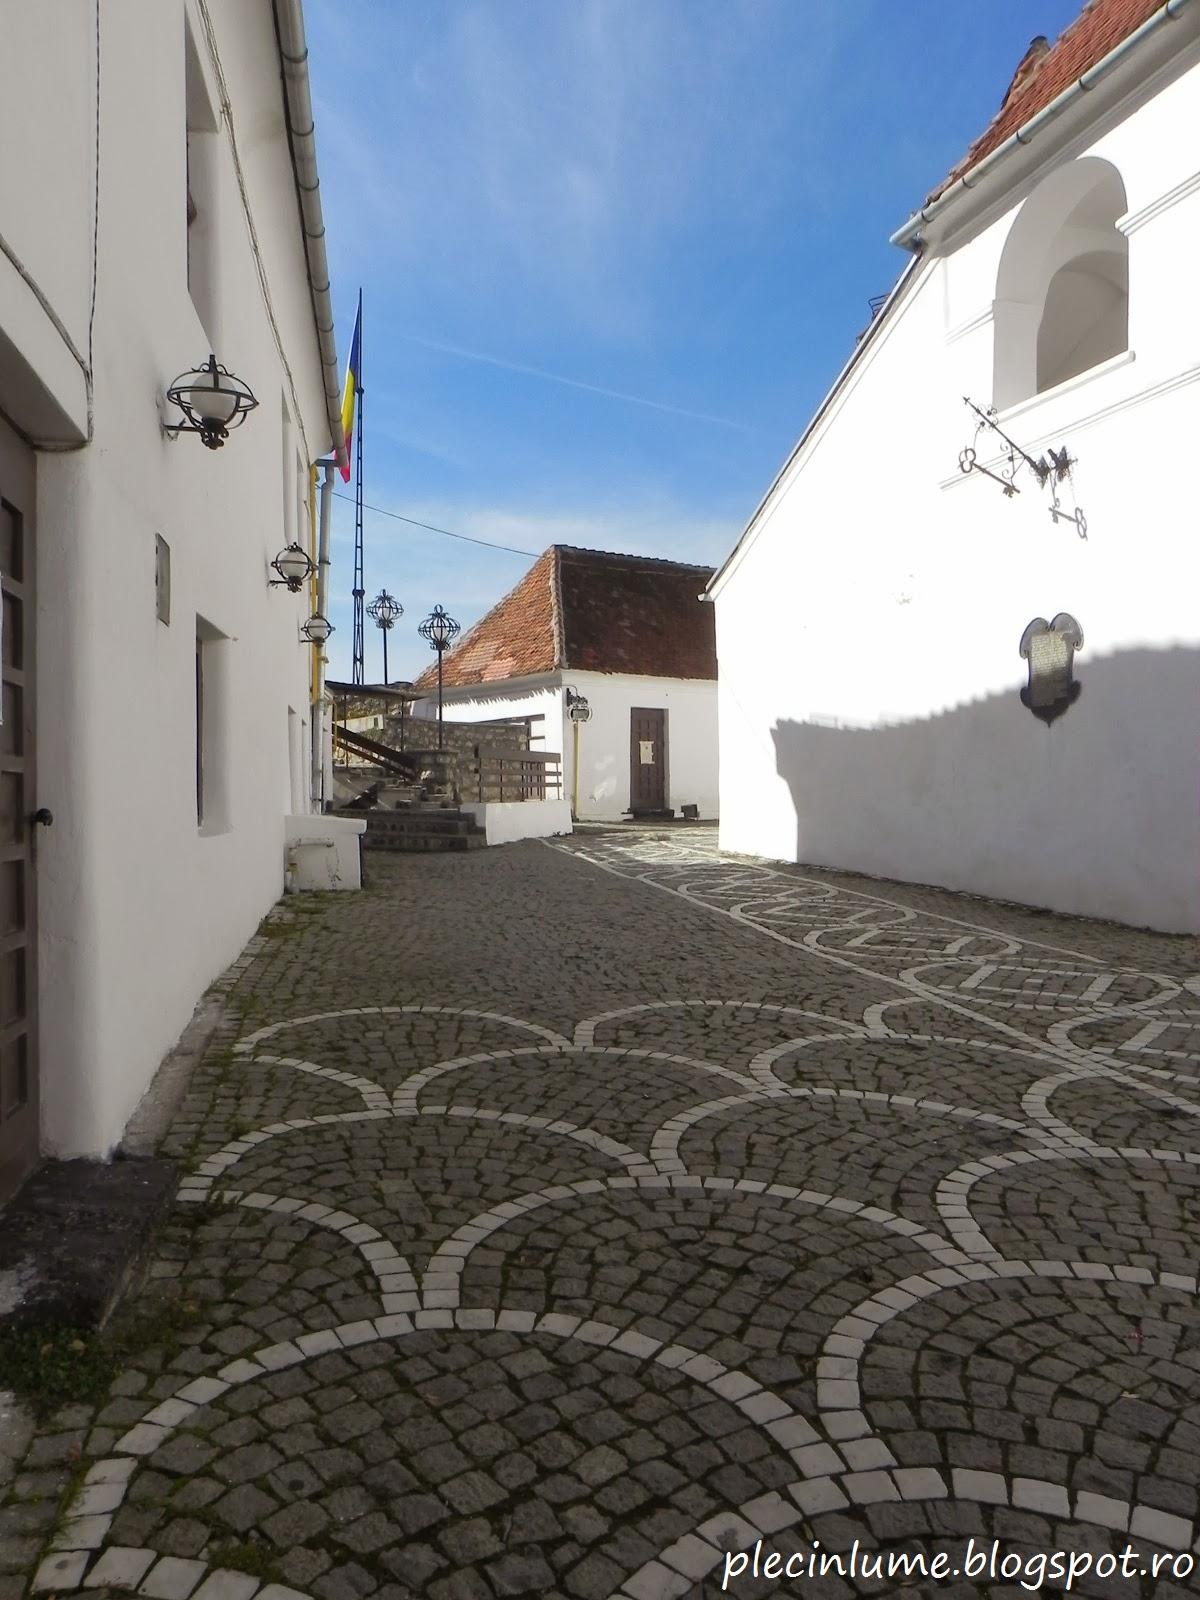 In Cetatea Brasovului